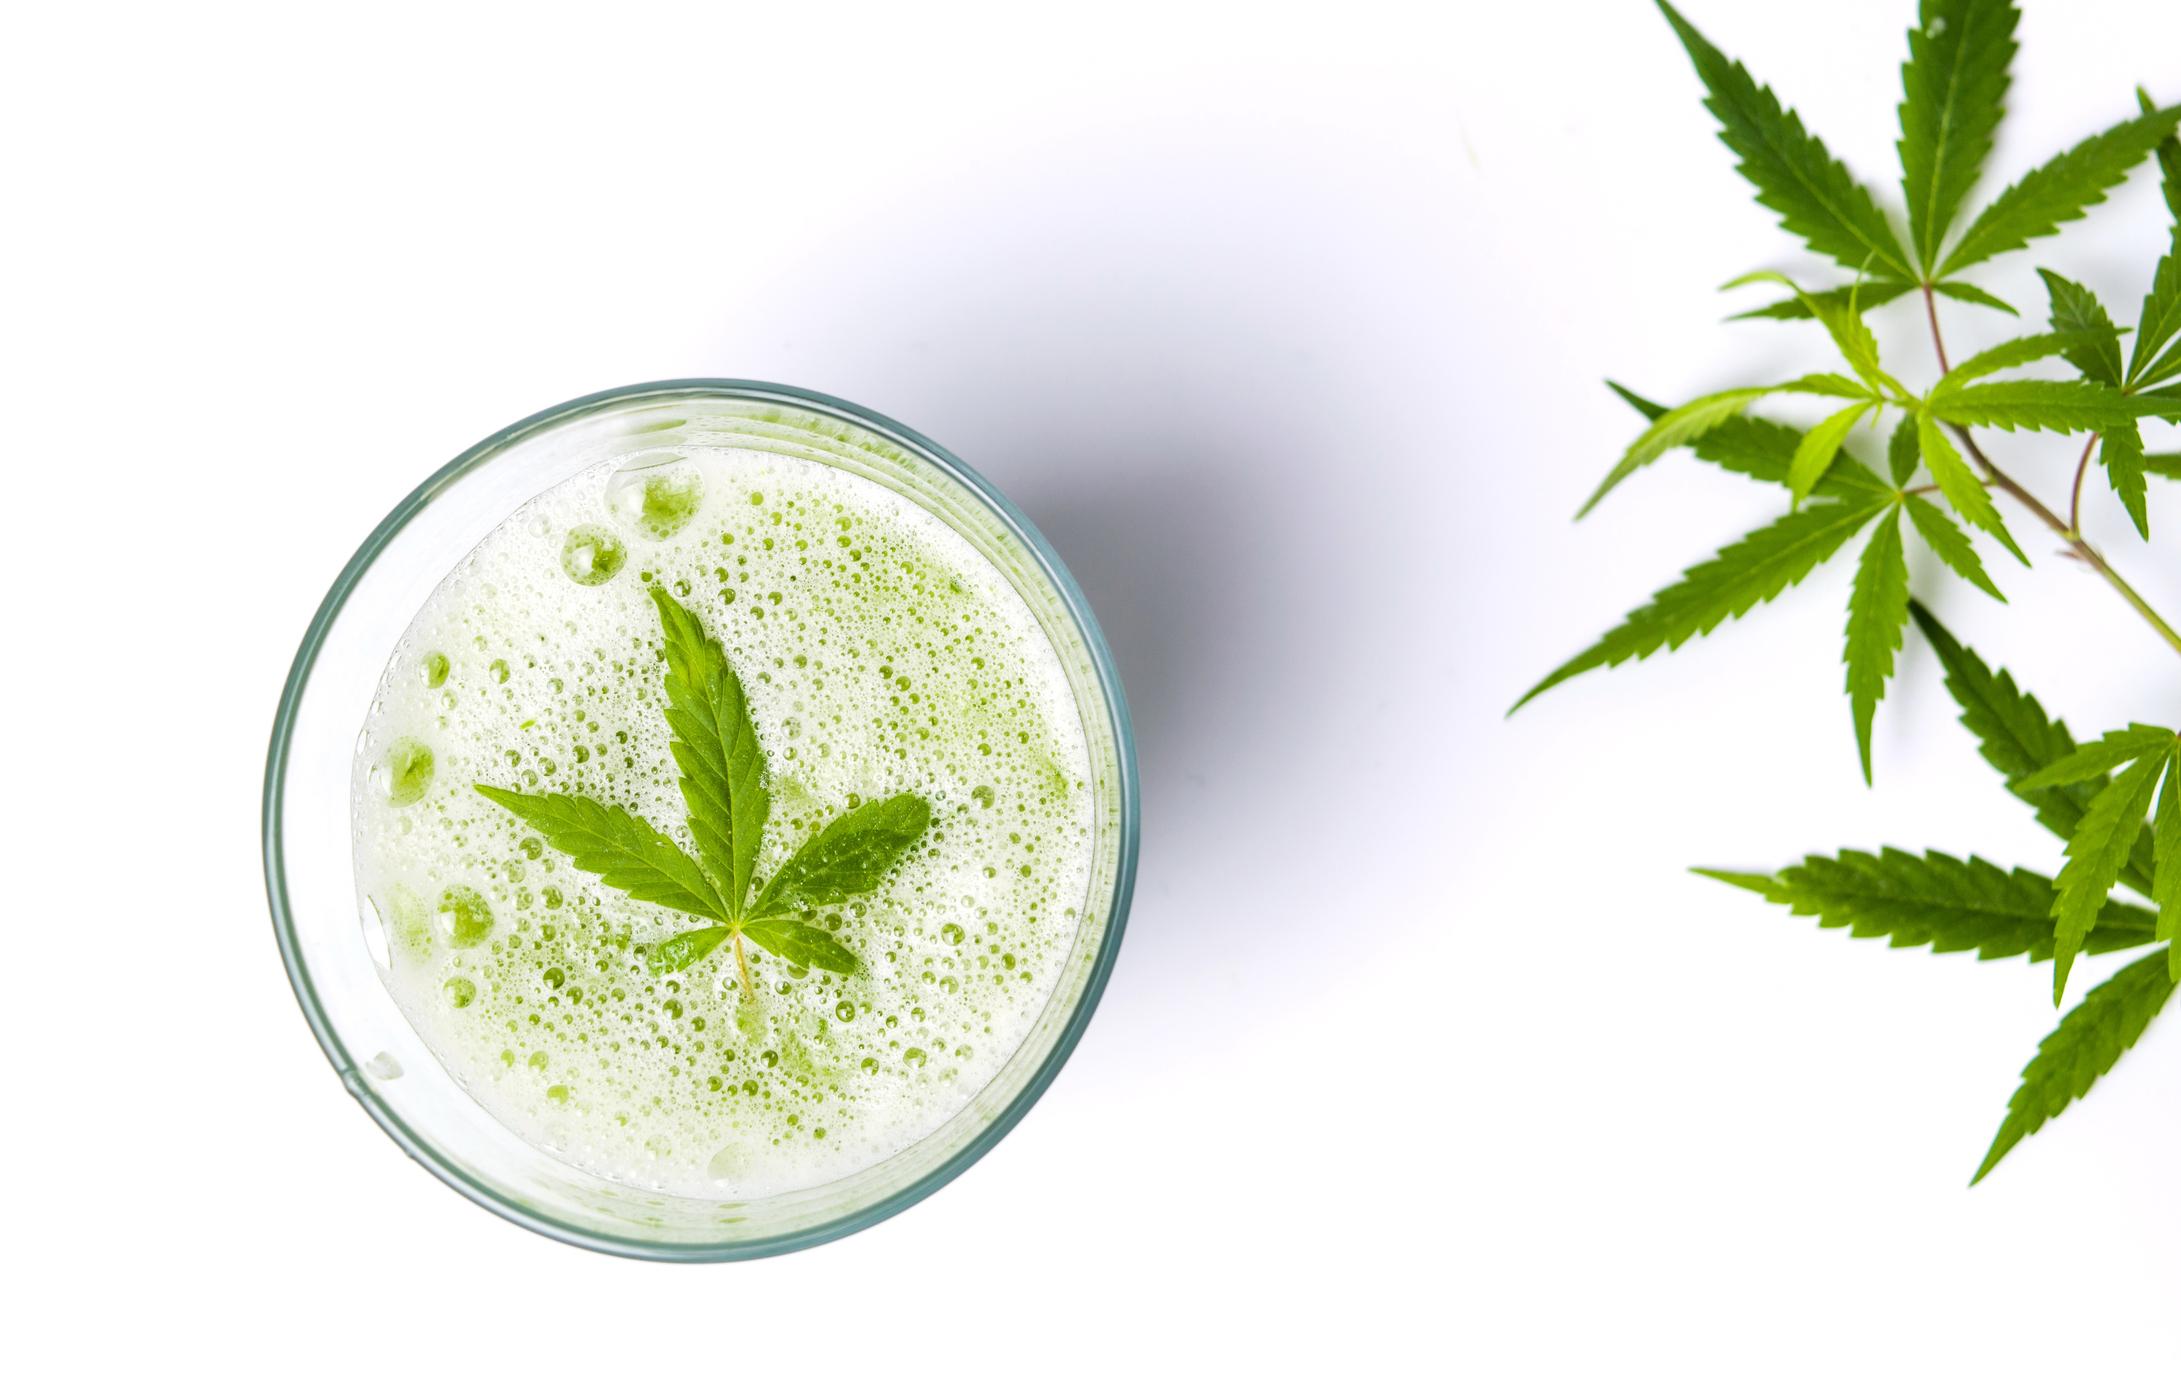 Anheuser-Busch InBev Lands Its Marijuana Partner | The